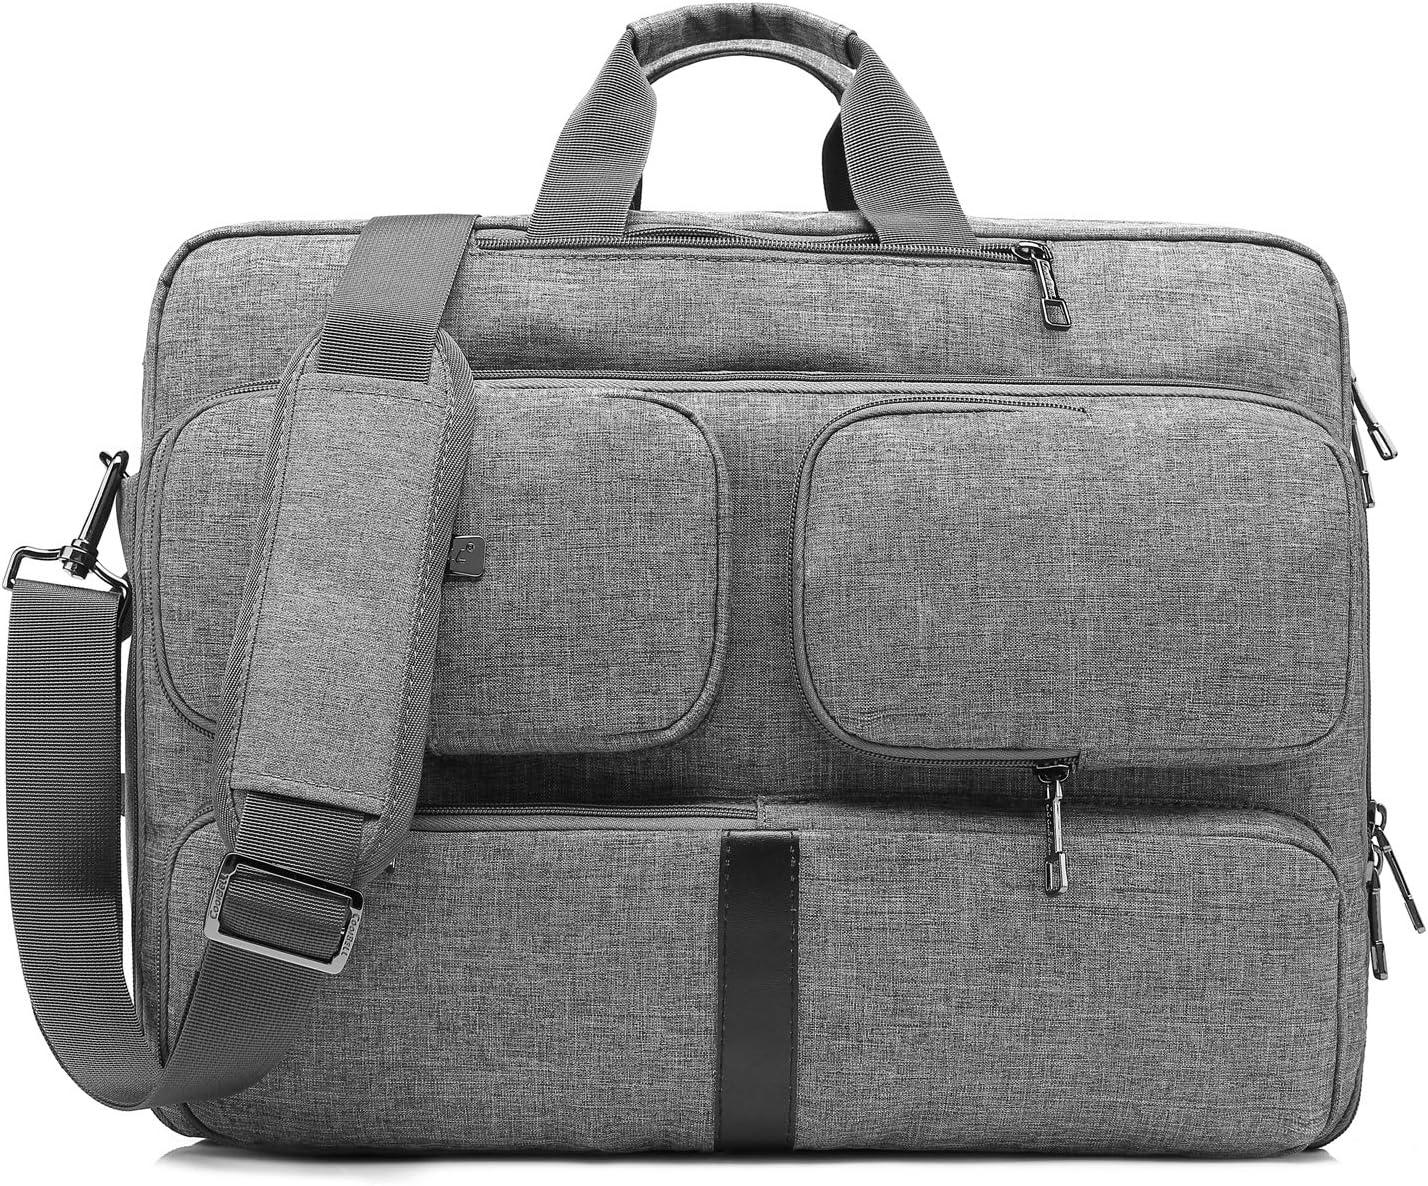 CoolBELL Convertible Laptop Bag Backpack Messenger Bag Shoulder Bag Business Briefcase Multi-Functional Travel Rucksack 17.3 Inches Laptop Case for Men/Women (Grey)